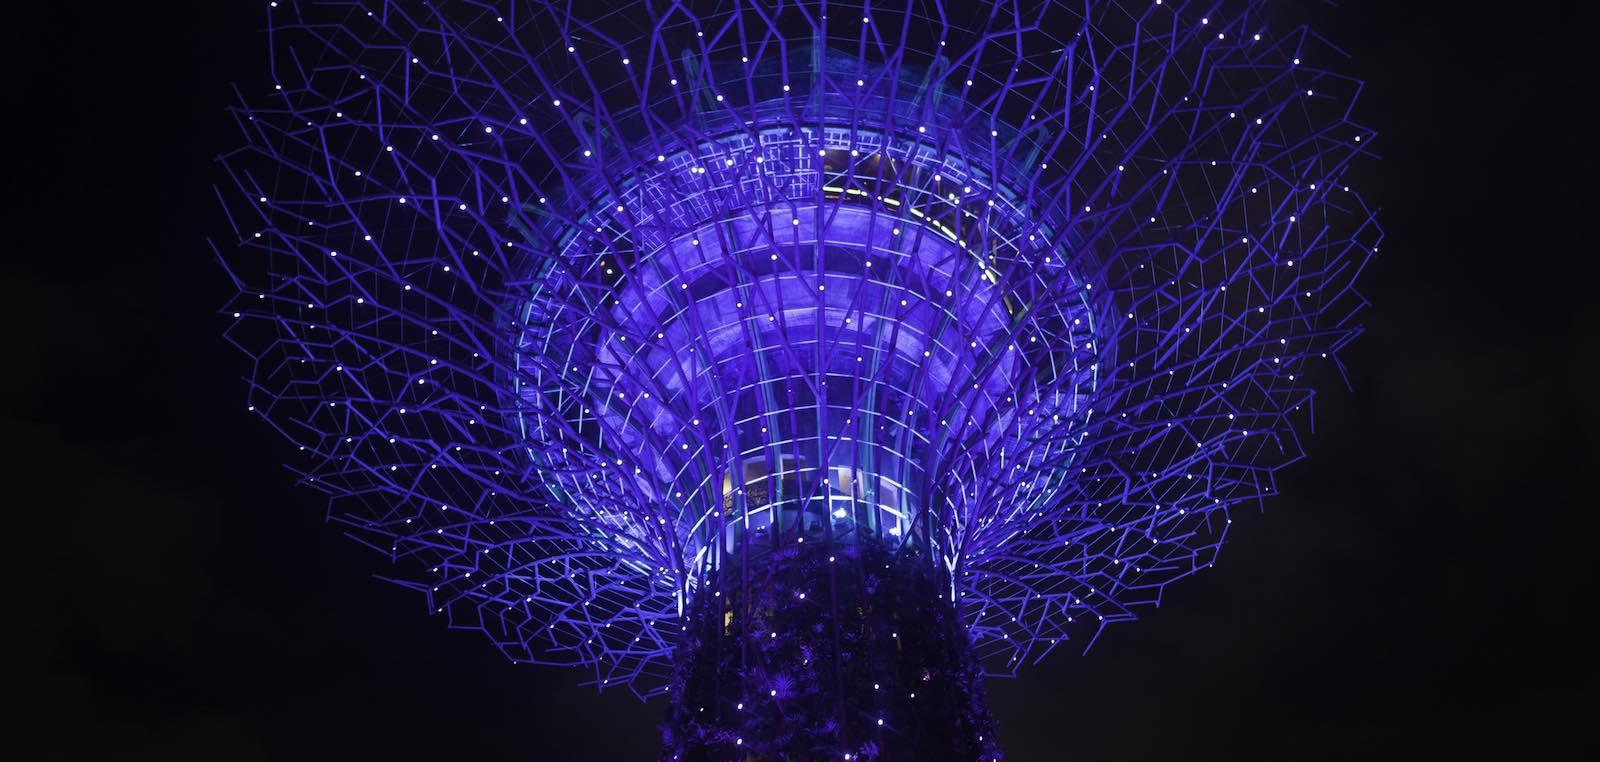 Singapore (Photo: bubusbubus/Flickr)